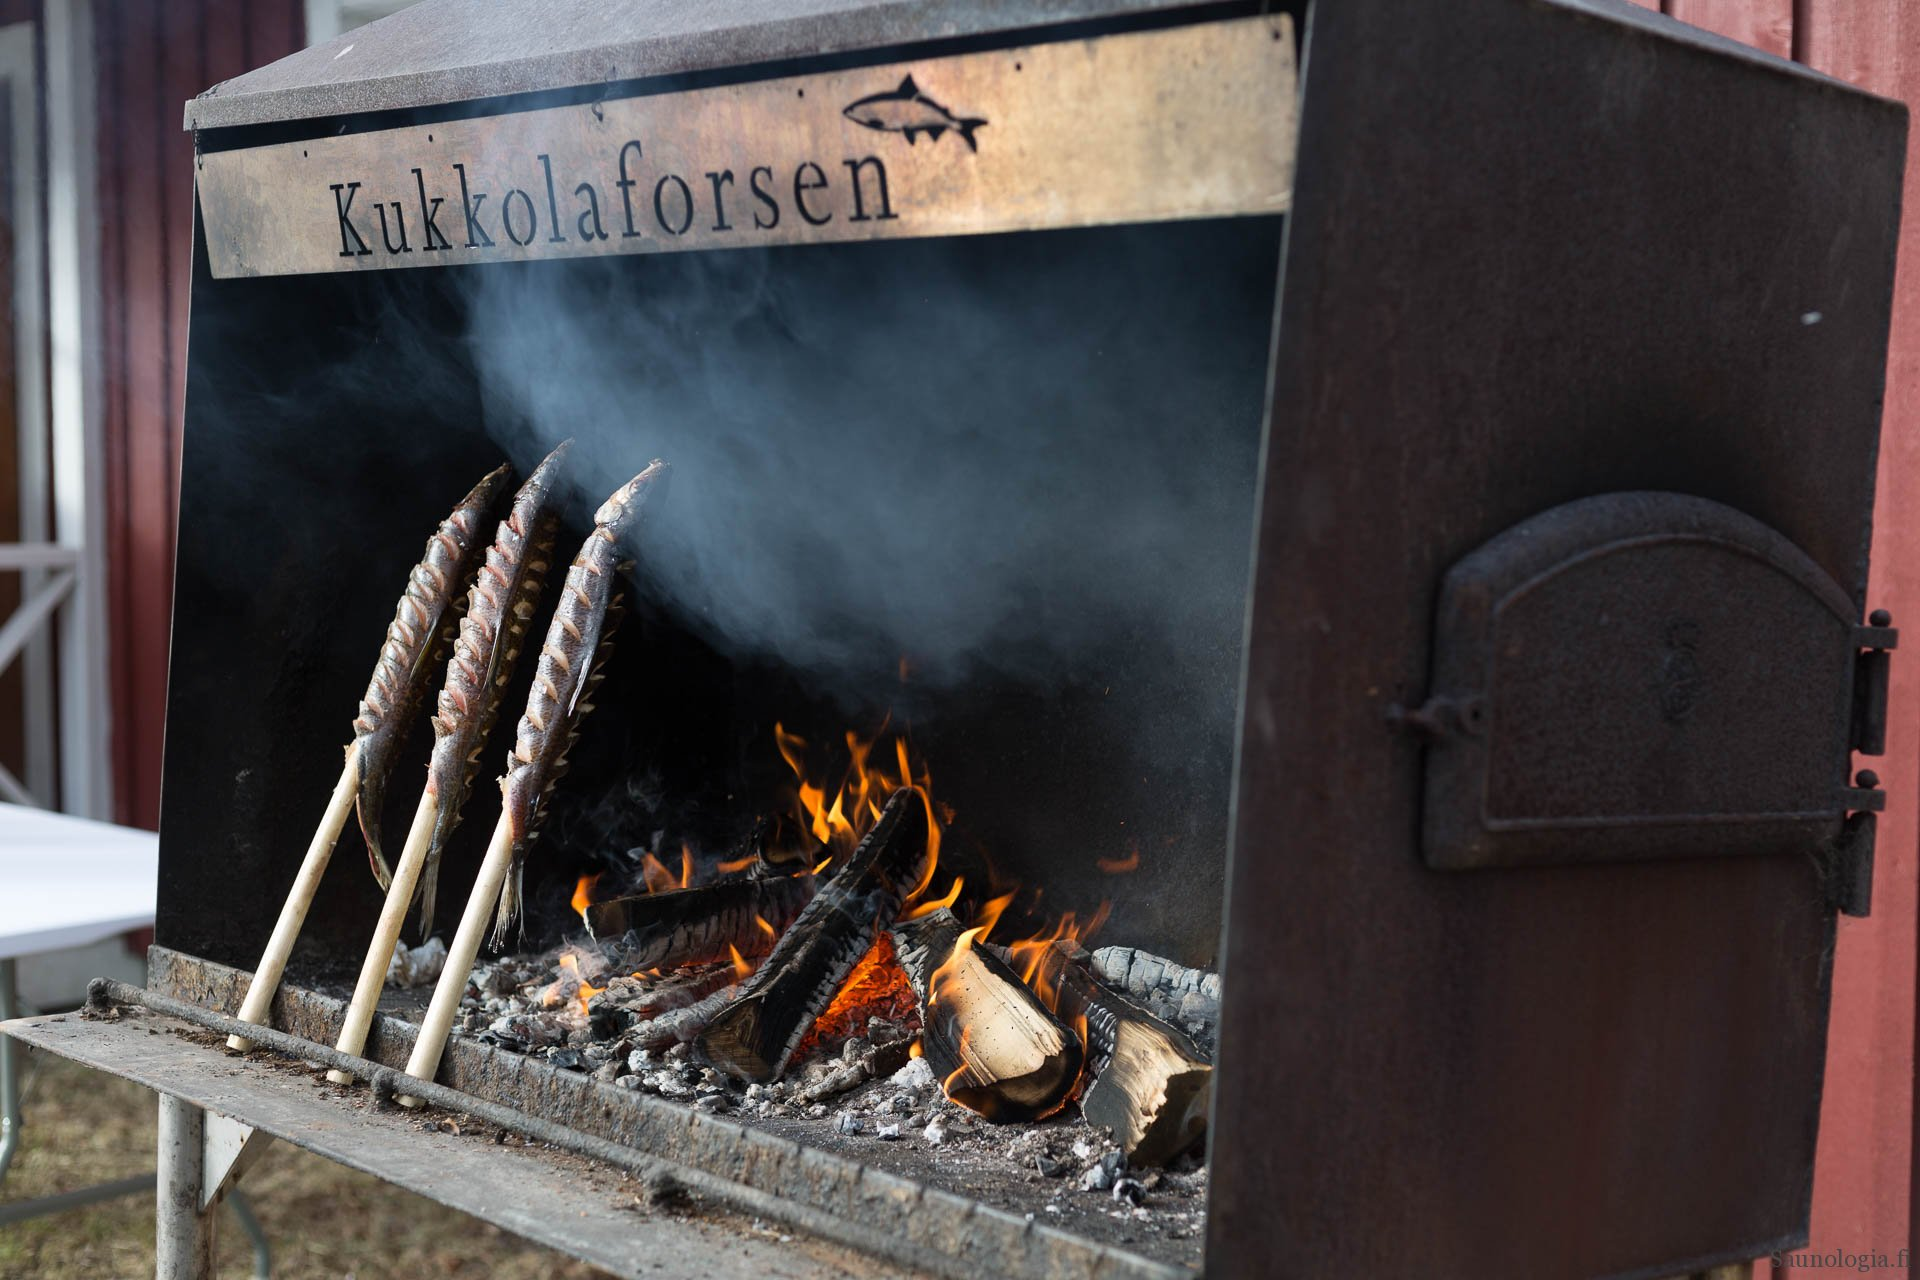 180608-isc2018-kukkolaforsen-grill-0110